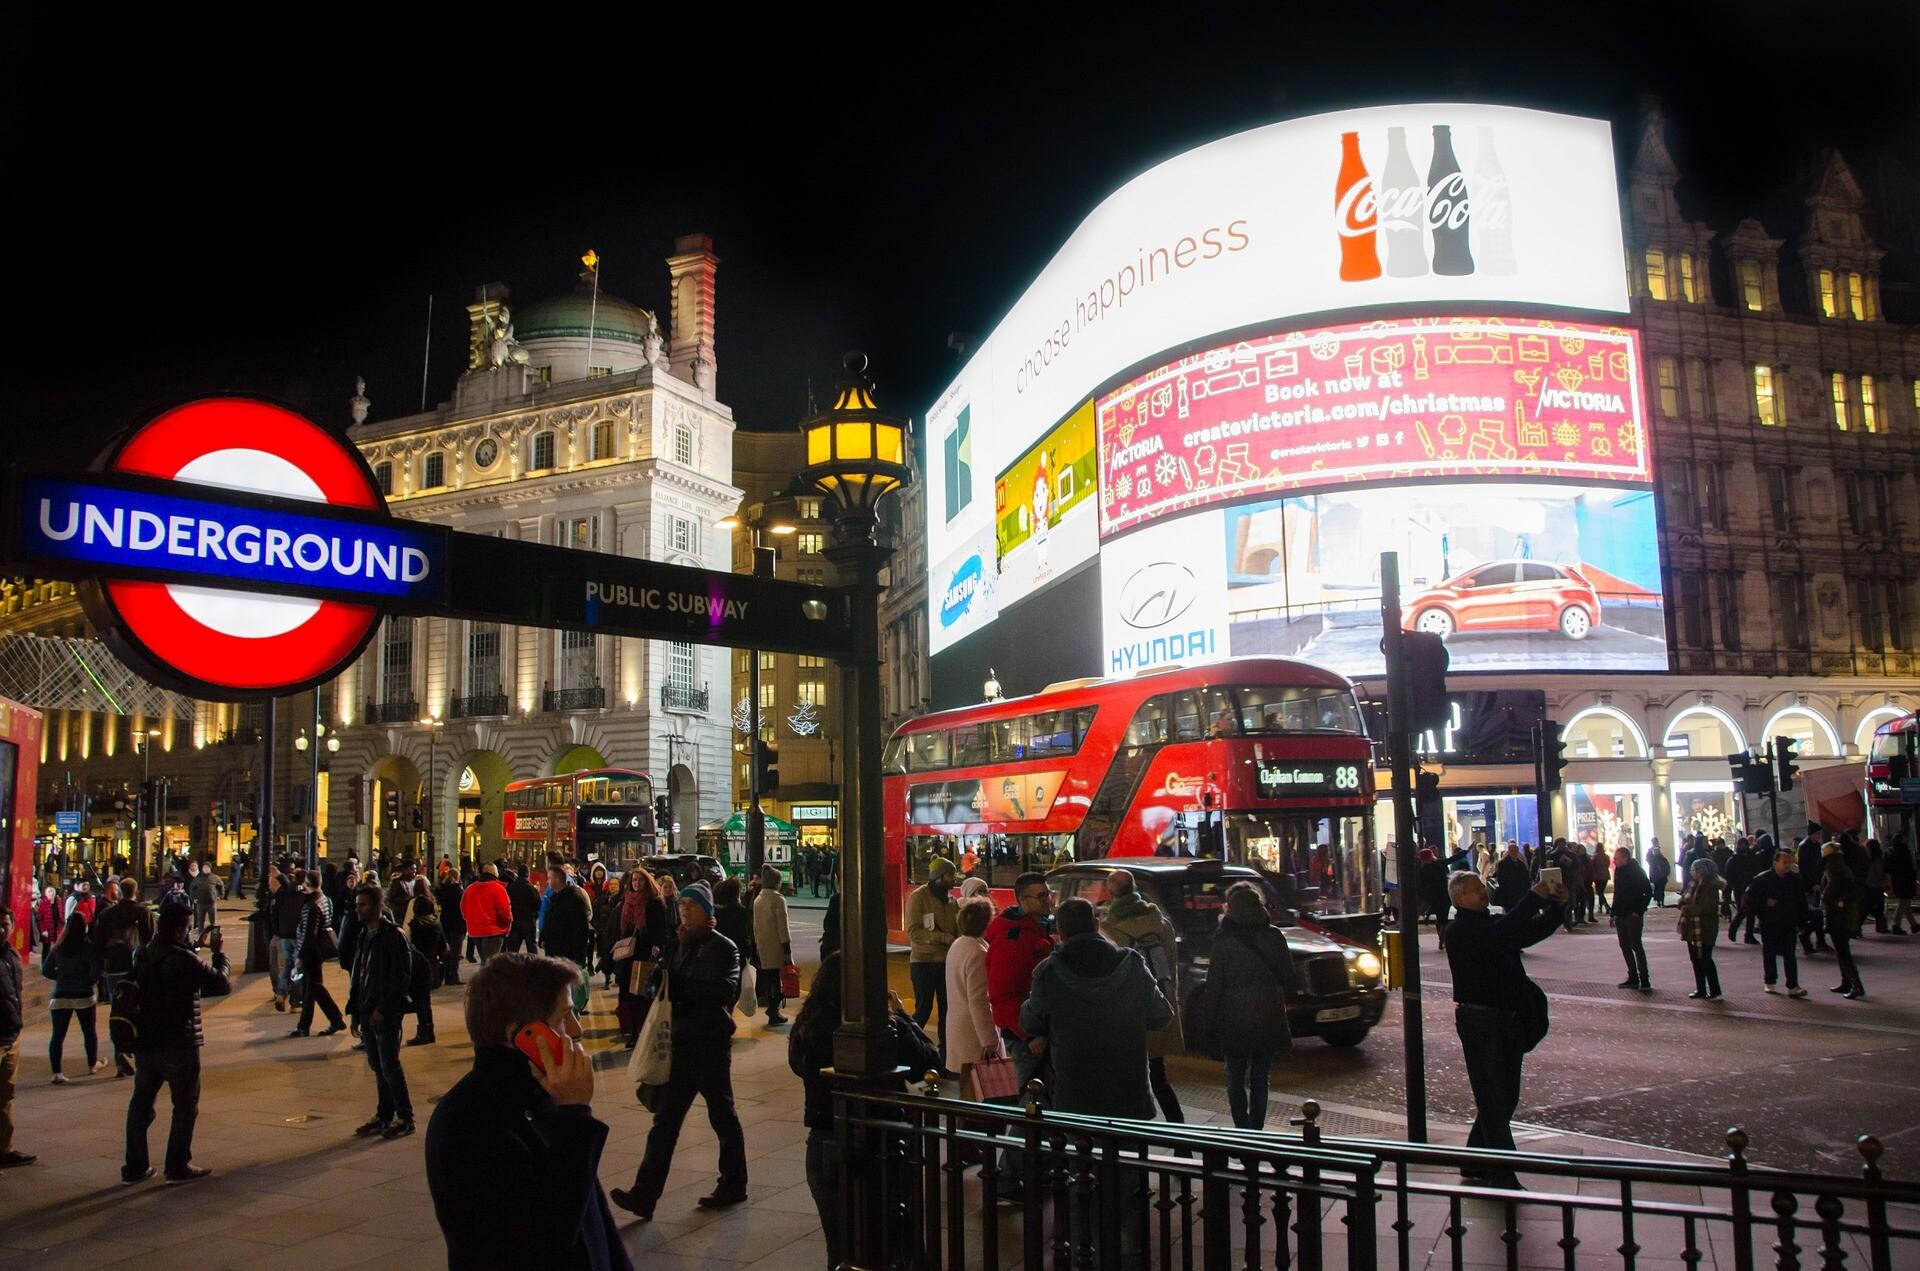 Principales atracciones turísticas de Londres - Lo mejor para hacer en Londres (Parte III)